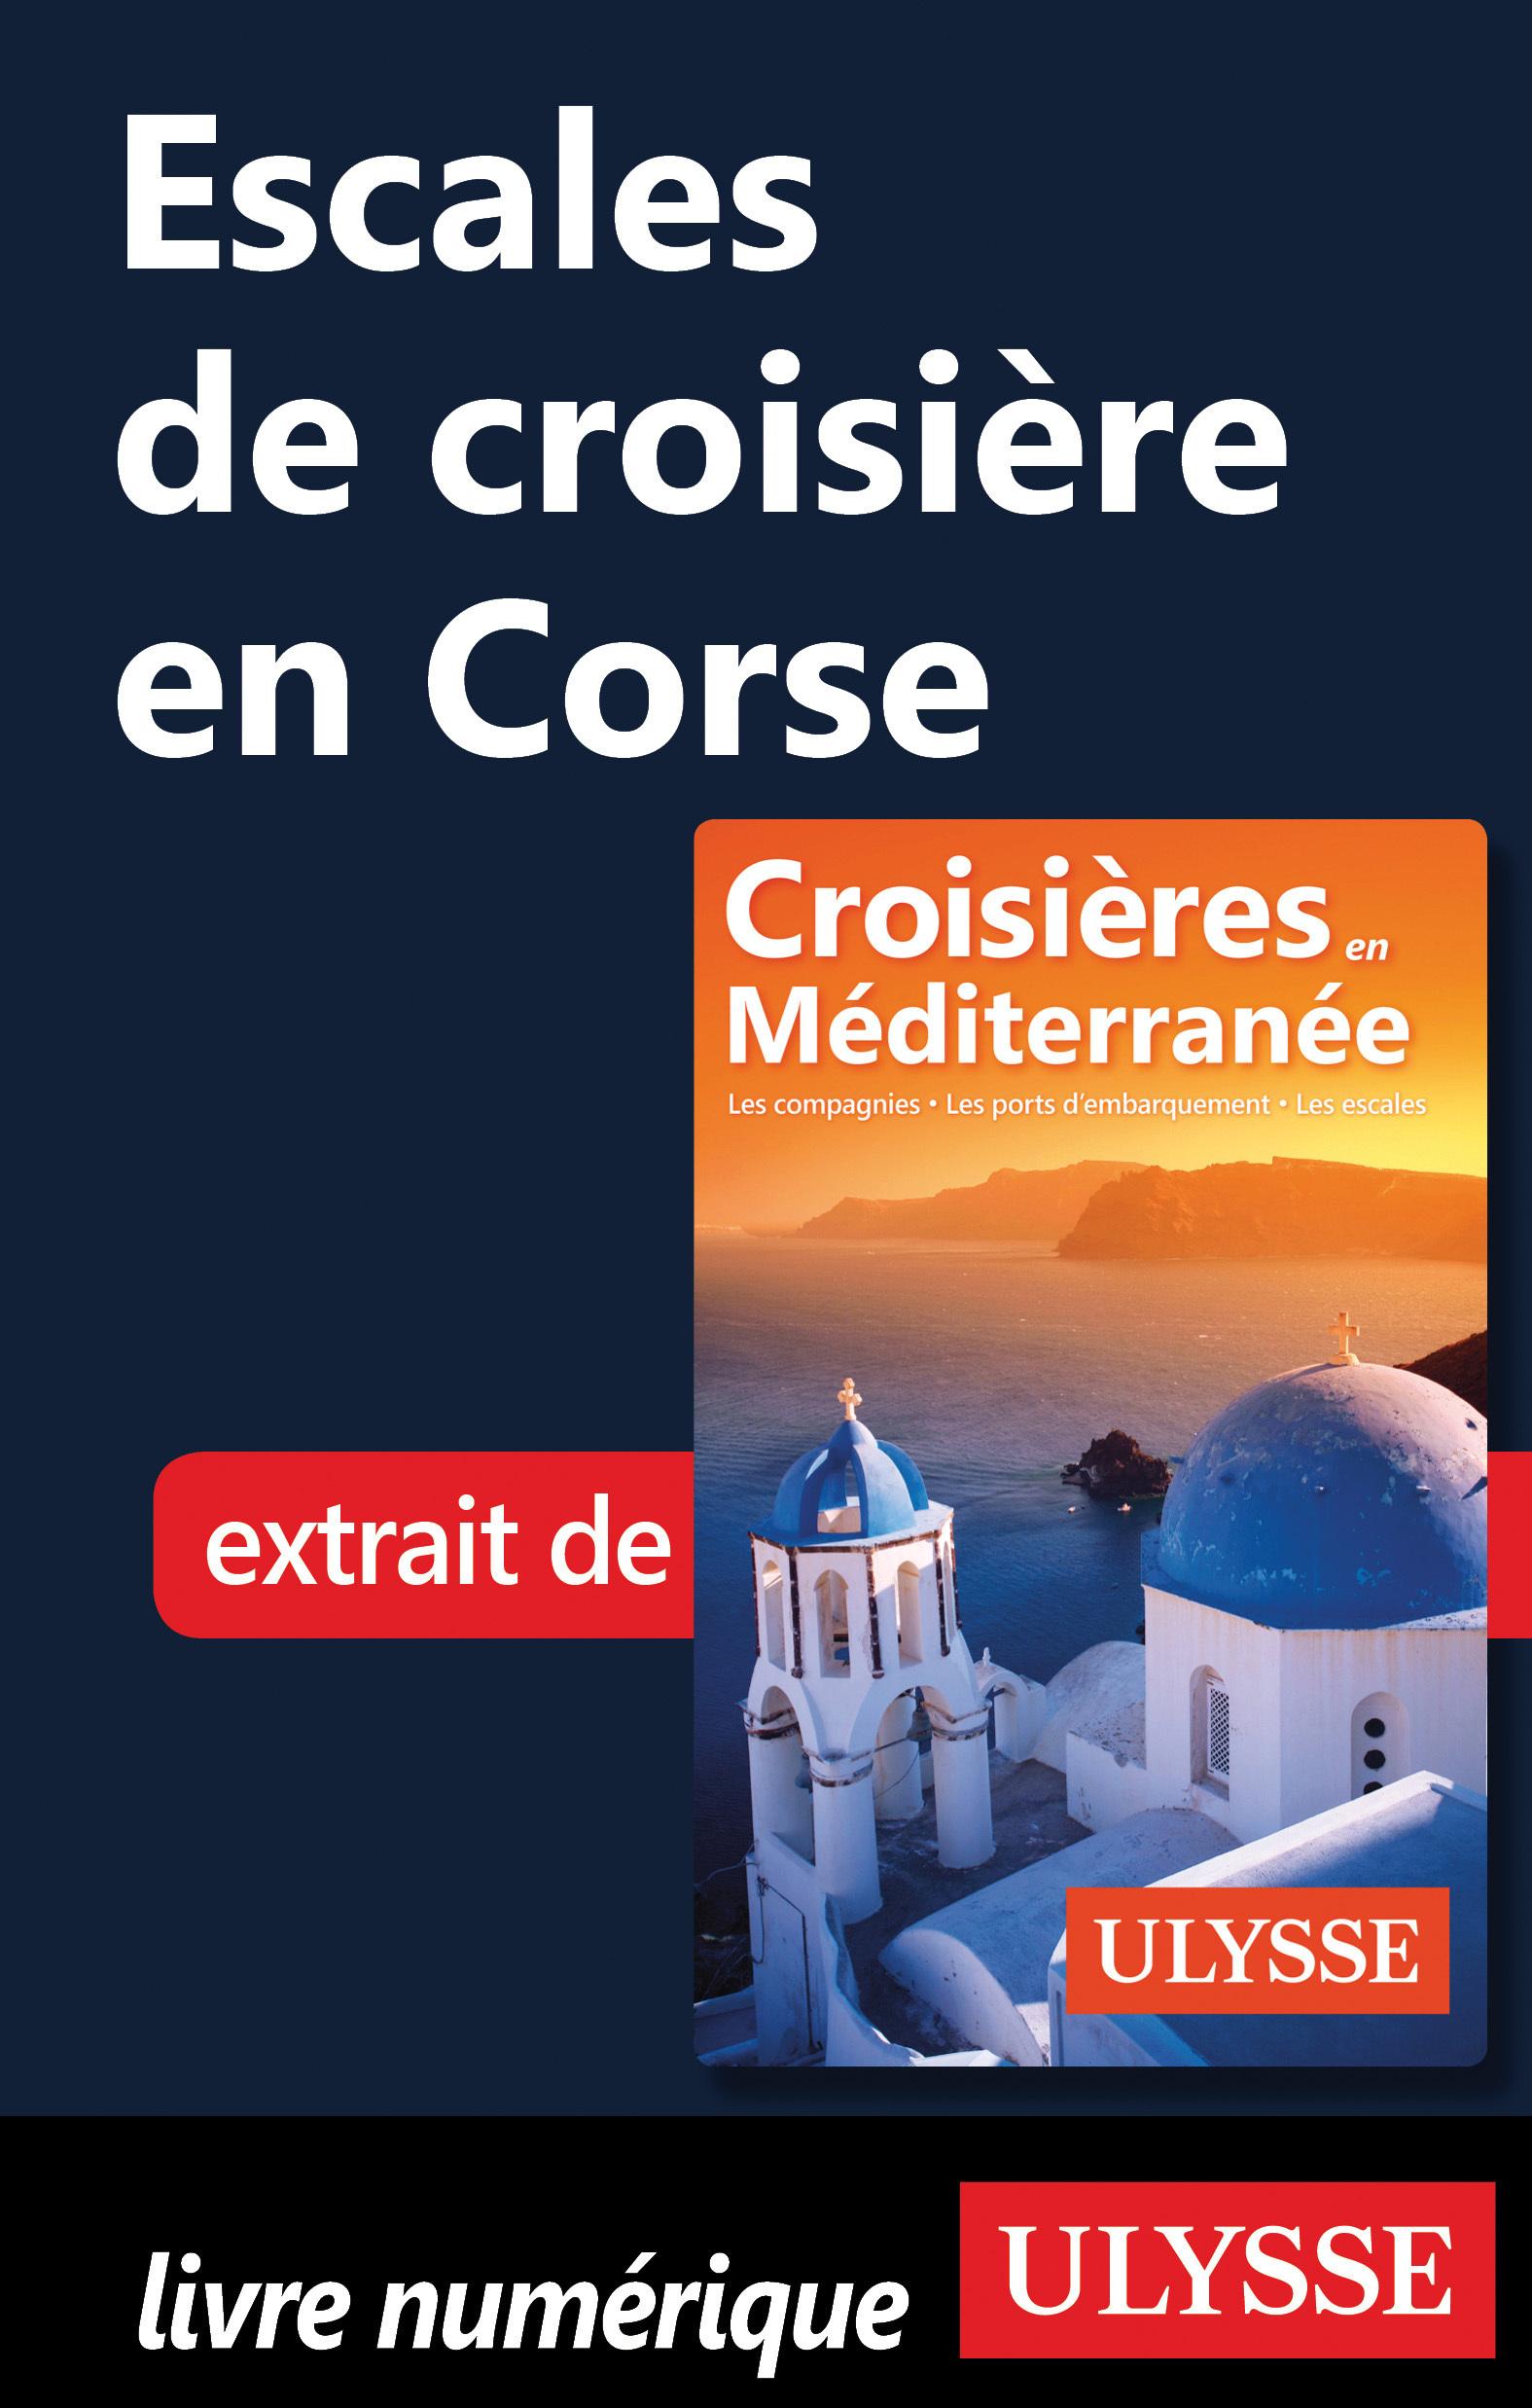 Escales de croisière en Corse